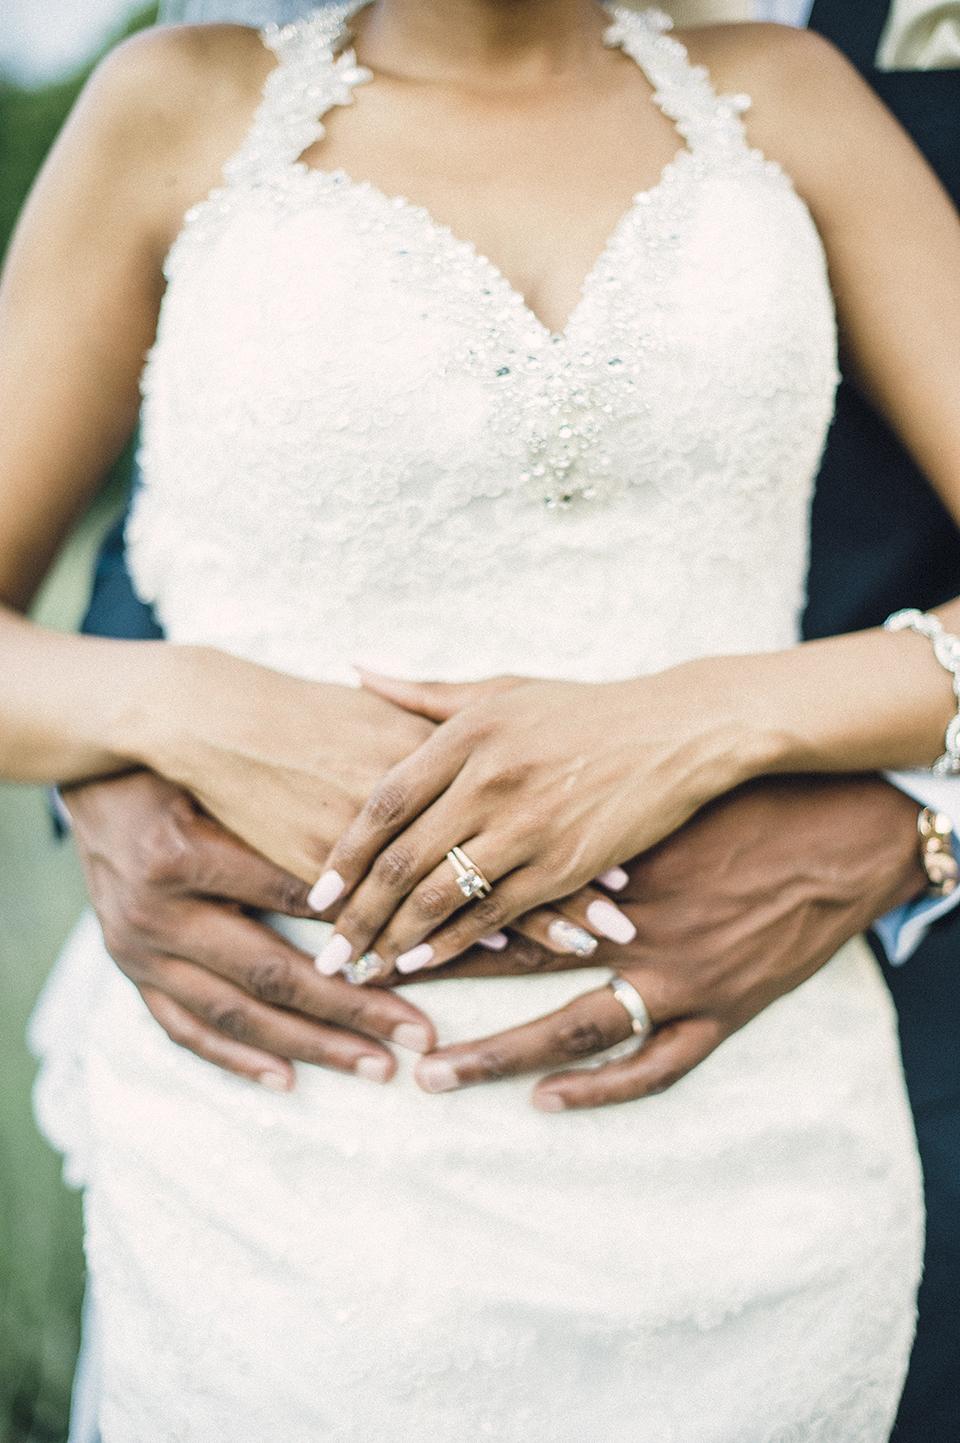 RyanParker_WeddingPhotographer_FineArt_CapeTown_Johannesburg_Hermanus_Avianto_T&L_DSC_9295.jpg